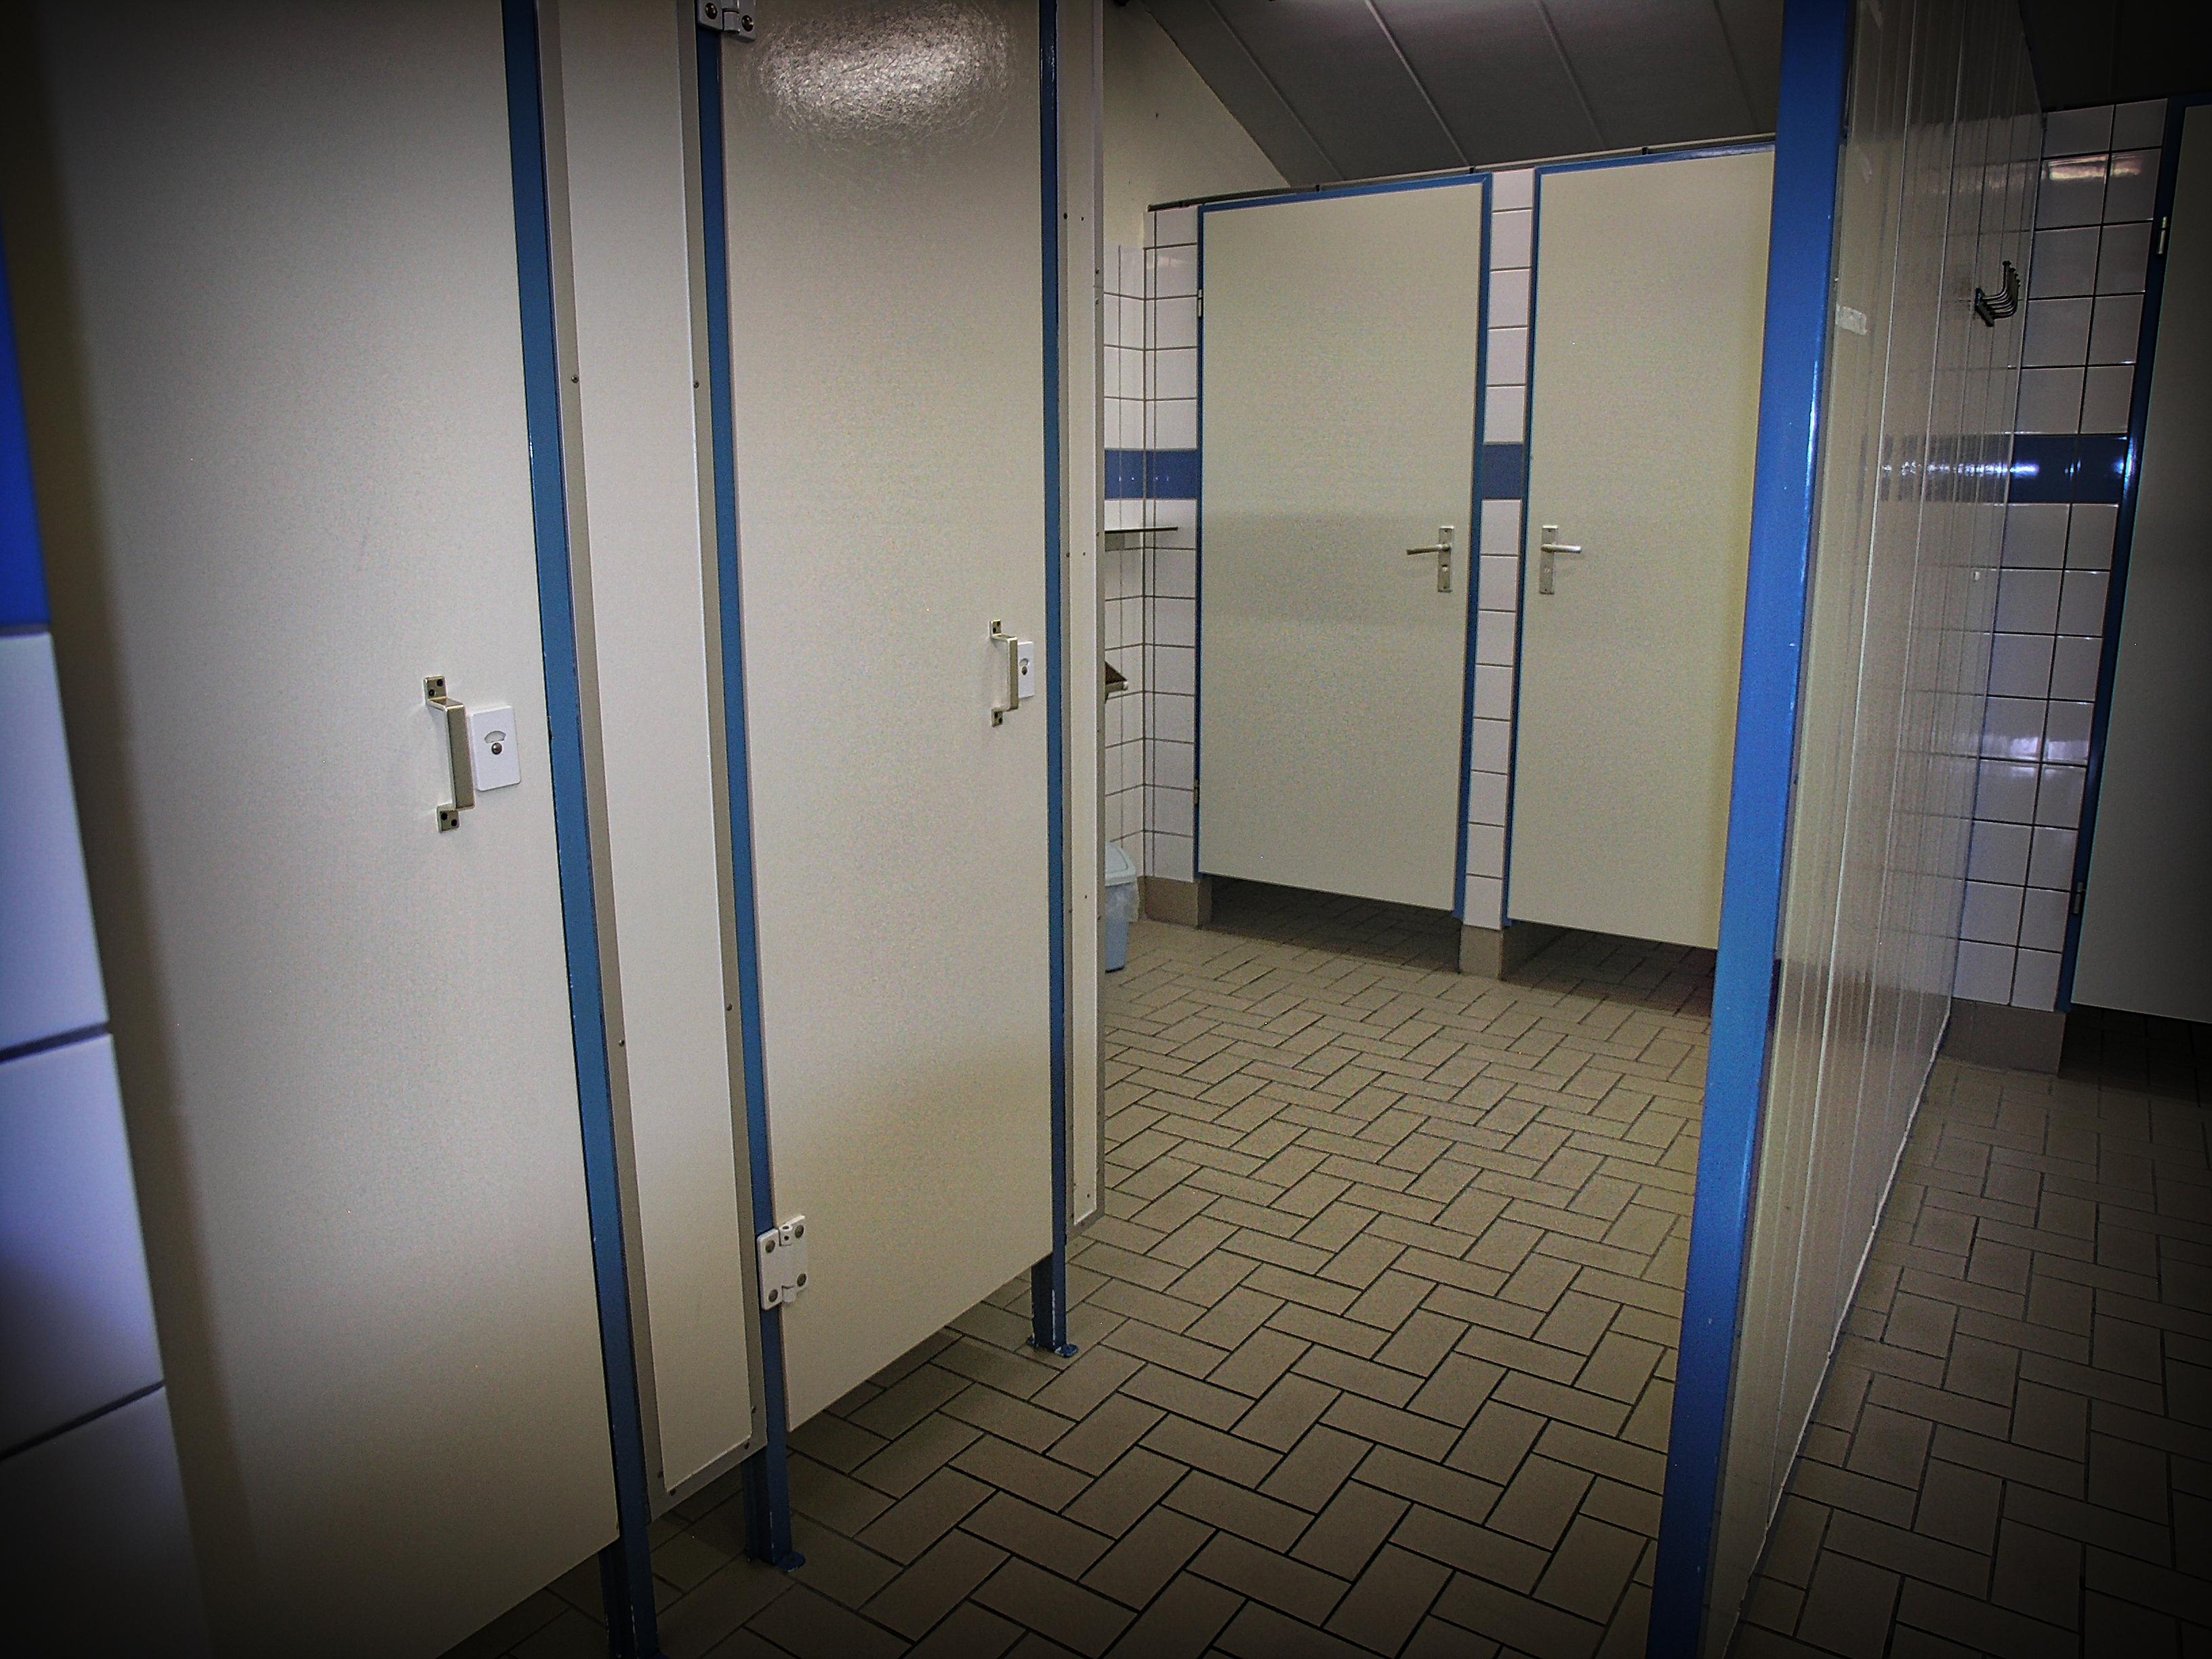 ce6741813d8 Camping Koelert - Sanitair 8 - Sanitaire ruimte - Dames/Heren